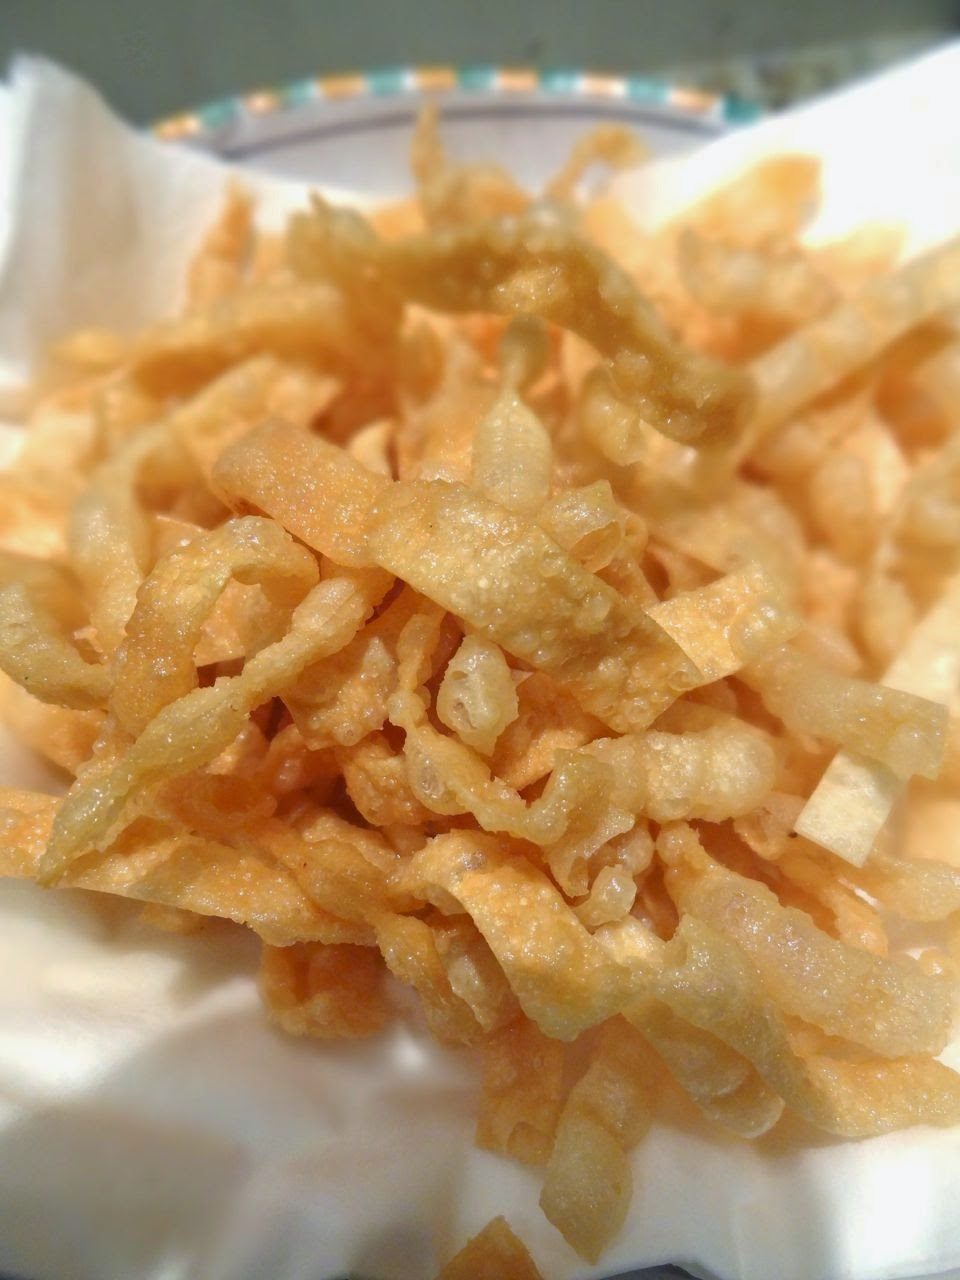 Scrumpdillyicious: Ahi Sashimi & Avocado Stack with Wonton Crisps